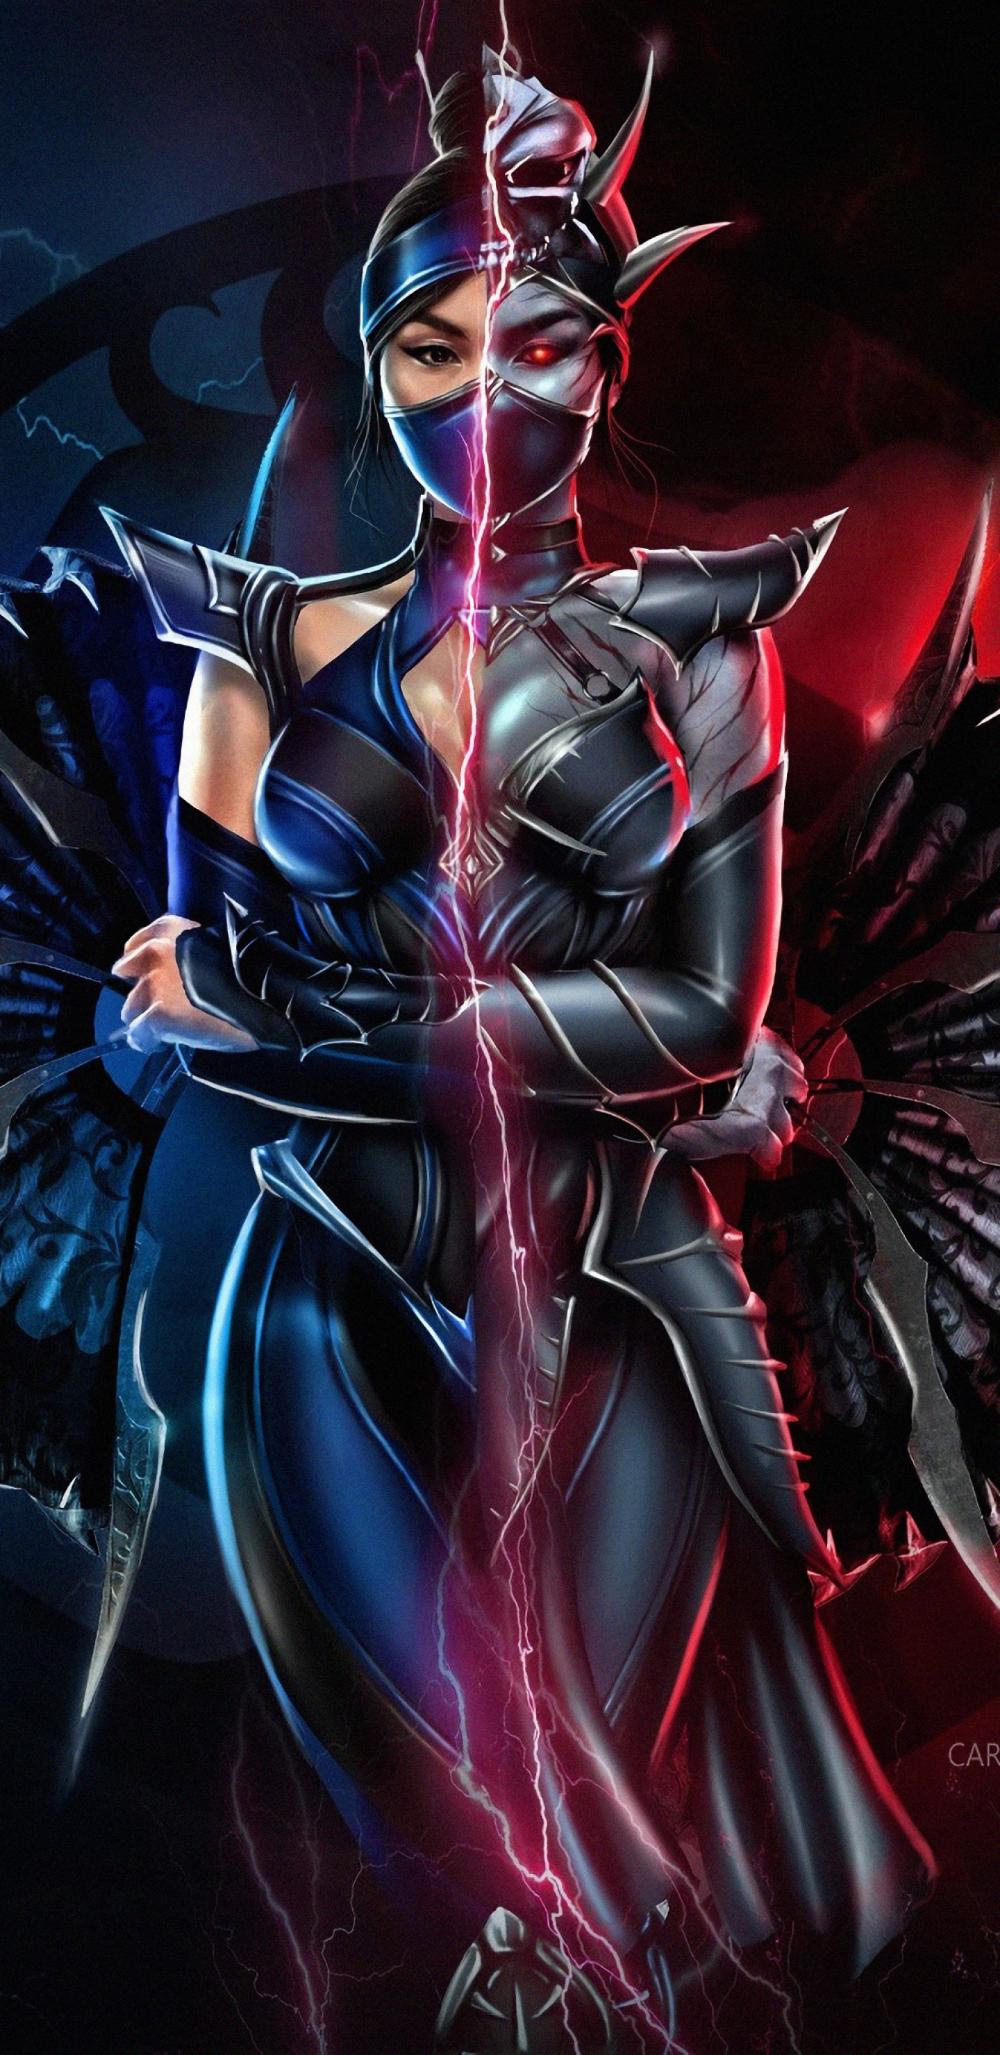 Обои джейд, Mortal kombat, komplete edition, синдел. Игры foto 4